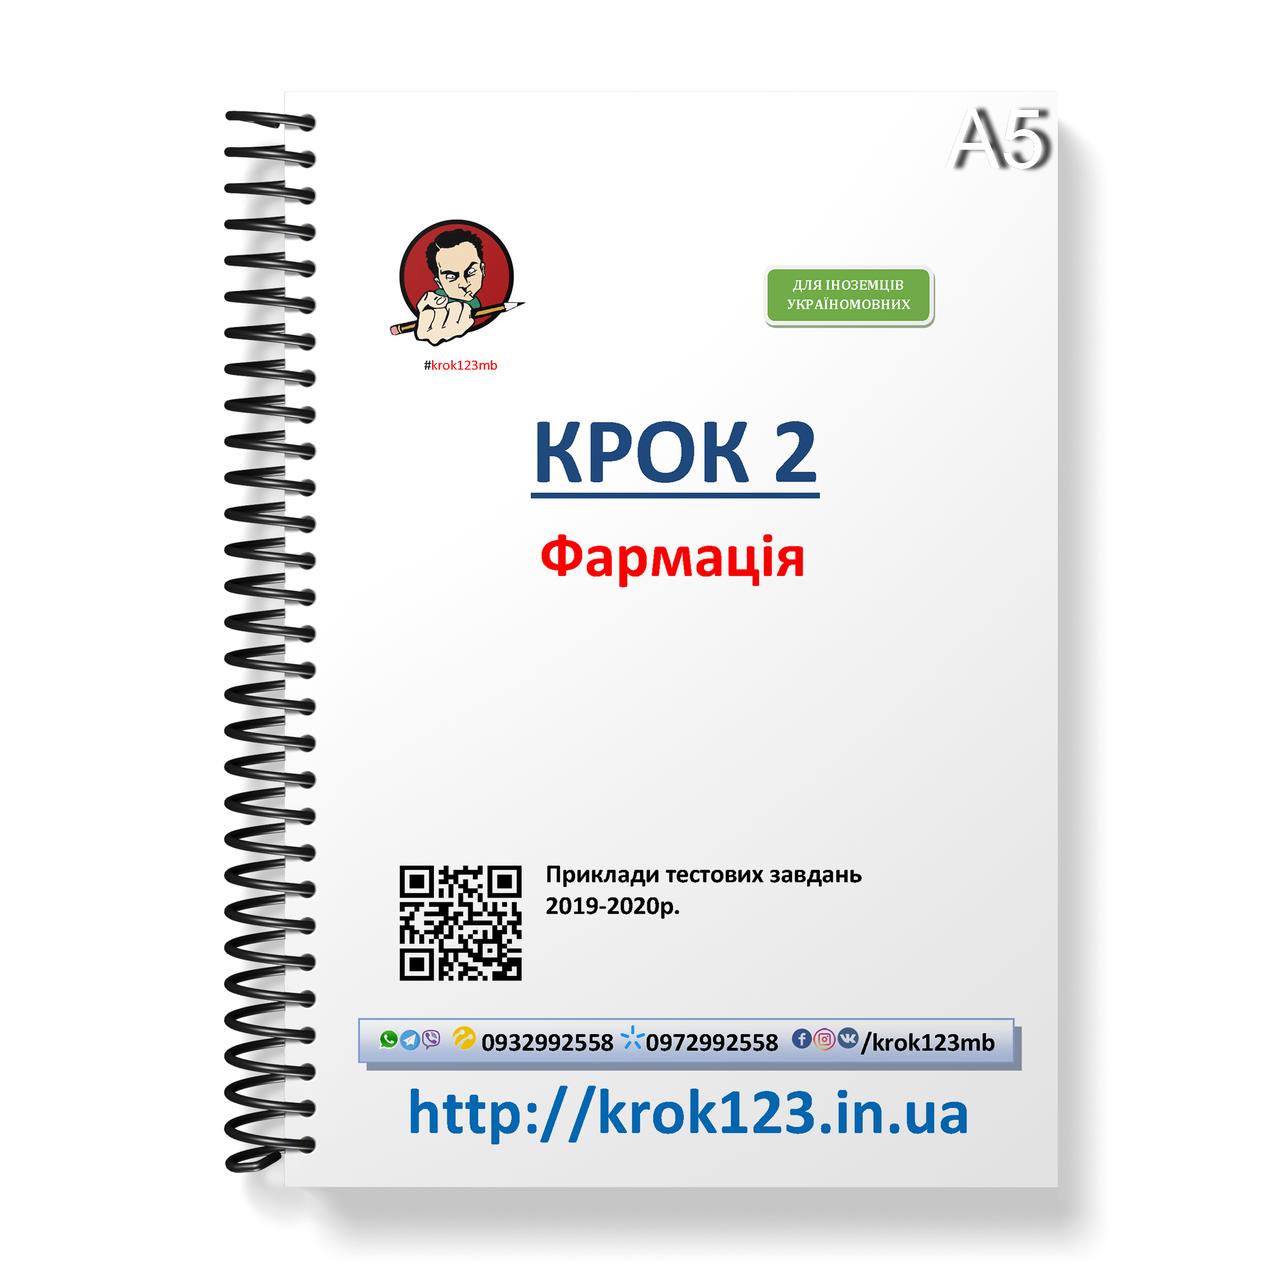 Крок 2. Фармация. ЕГКЭ (Примеры тестовых заданий) 2019-2020. Для иностранцев украиноязычных. Формат А5